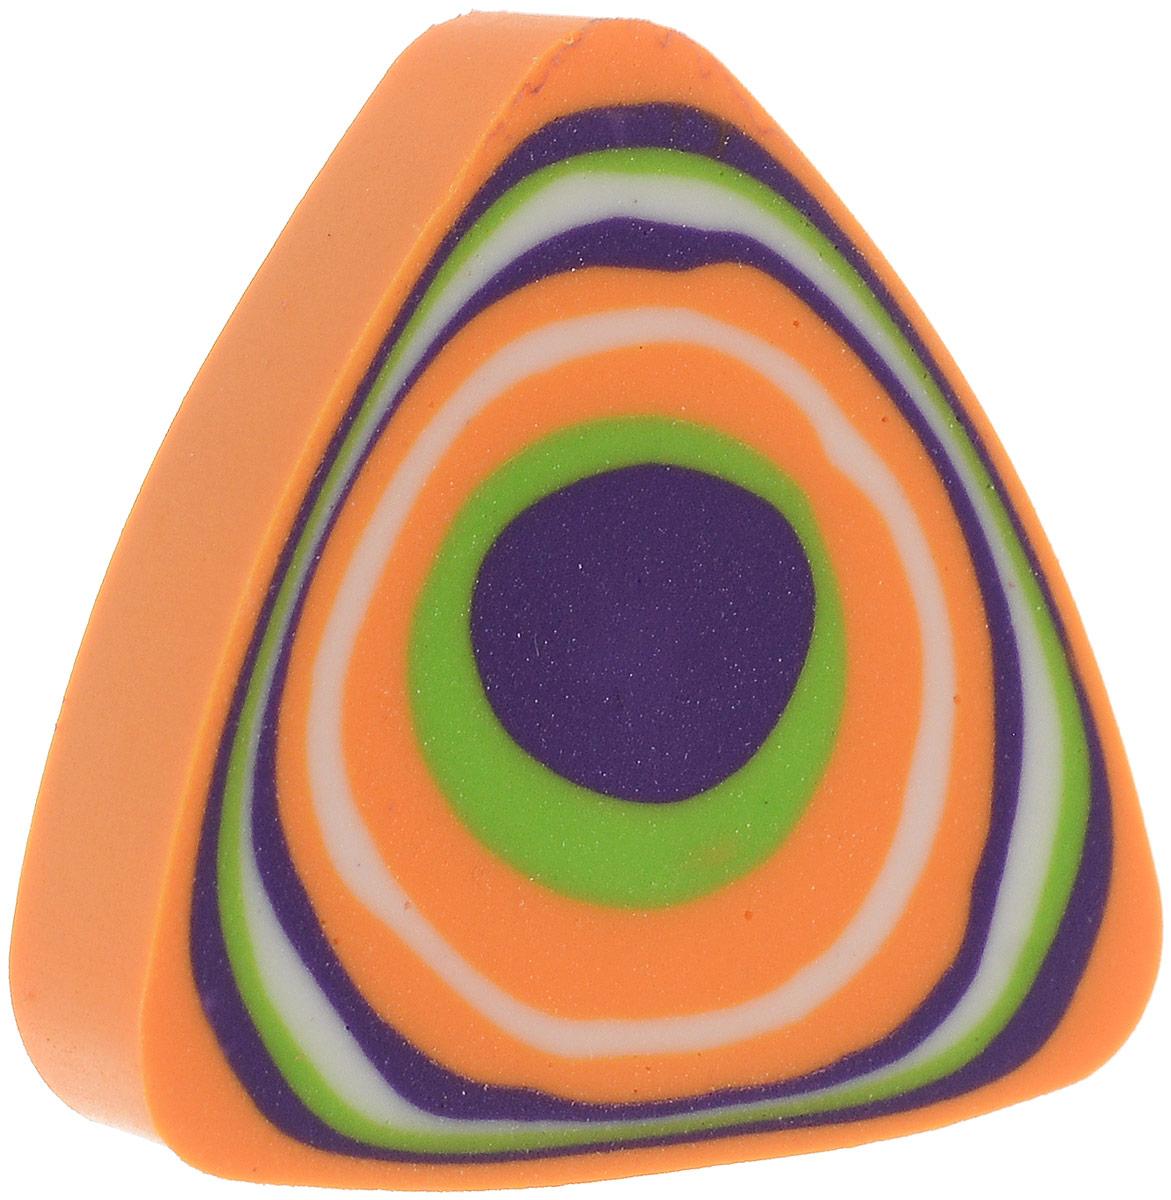 Пифагор Ластик Дельта цвет оранжевый223616_оранжевыйЛастик Пифагор Дельта изготовлен с запоминающимся дизайном. Ластик используется для удаления надписей, выполненных карандашом. Обеспечивает легкое и чистое стирание без повреждения поверхности бумаги и без образования бумажной пыли.